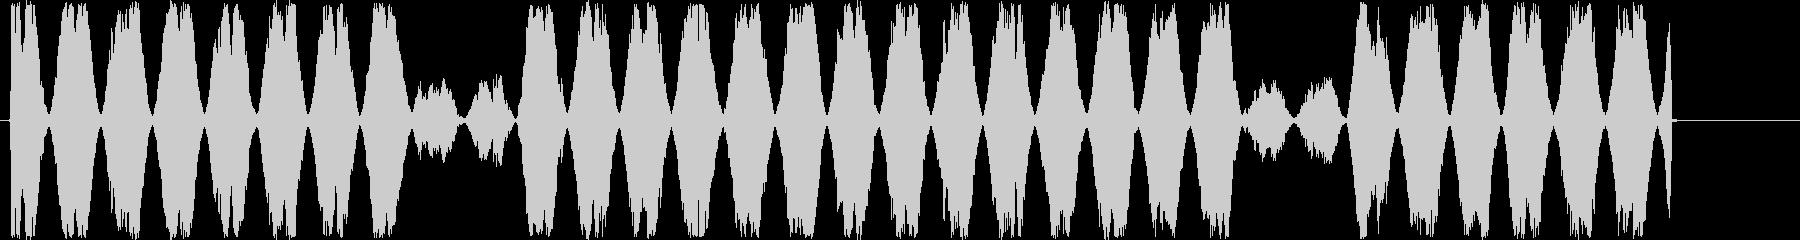 【可愛い効果音/ぴよぴよ】の未再生の波形